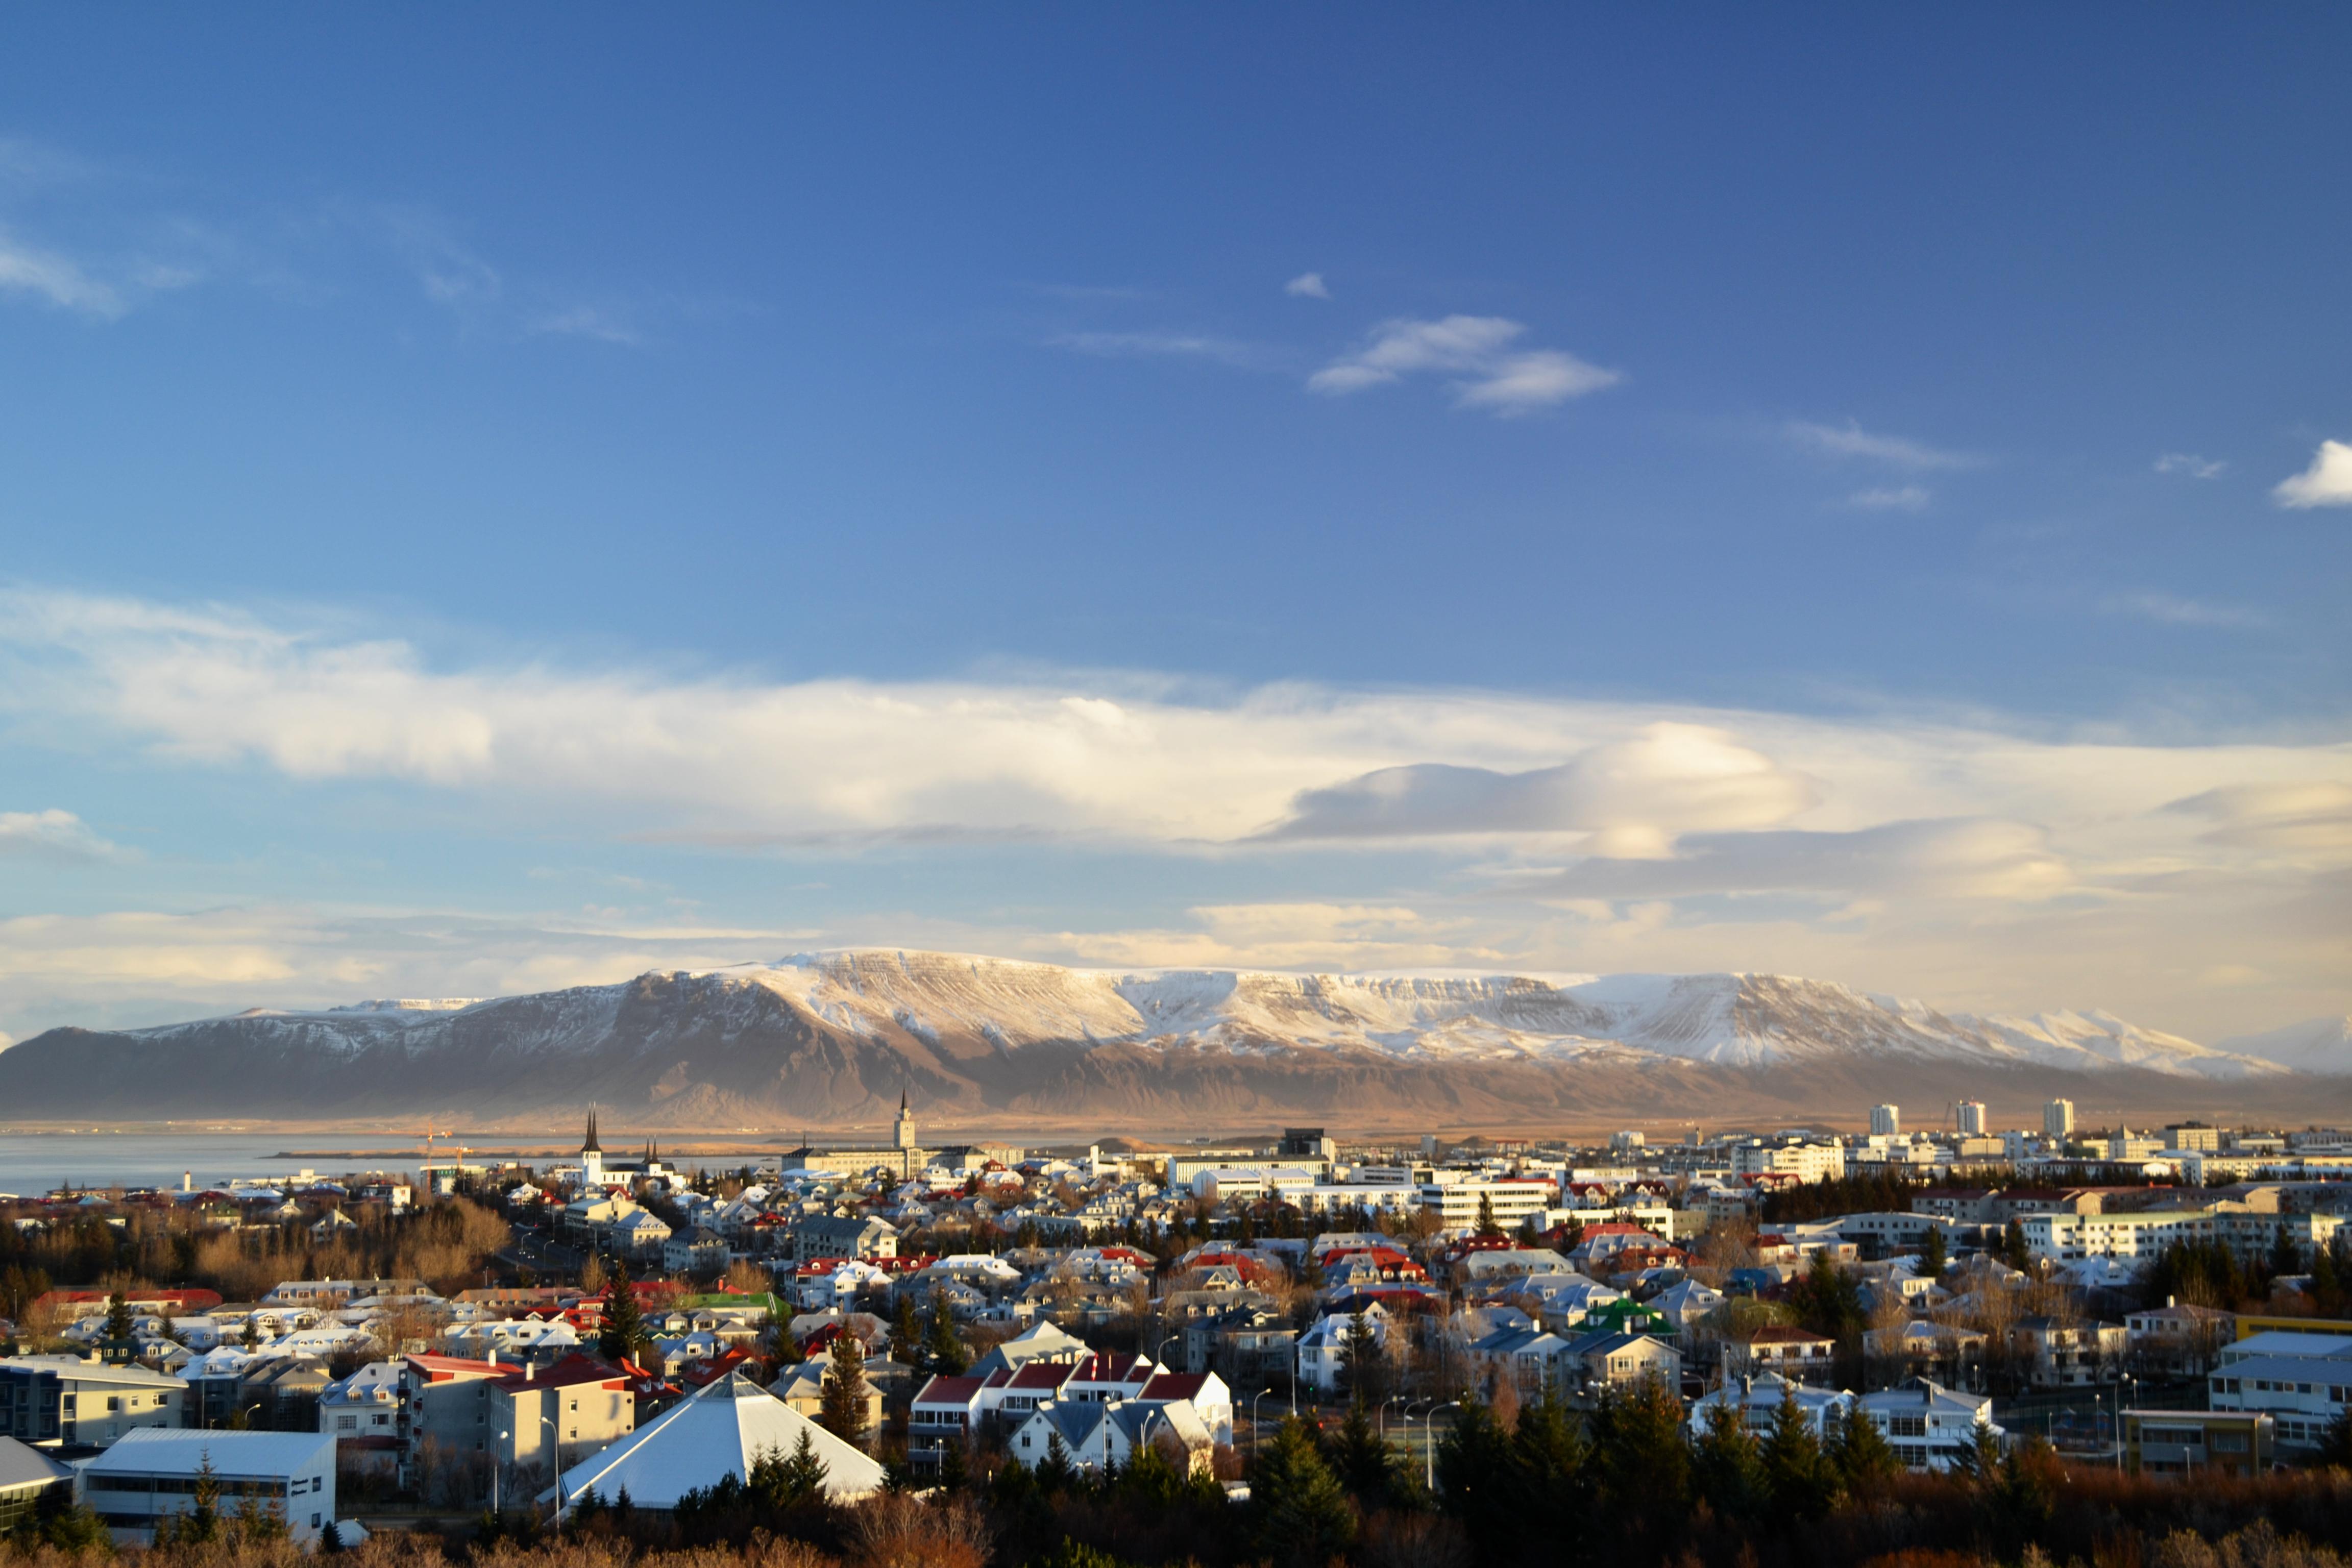 Aerial shot of Reykjavic, Iceland